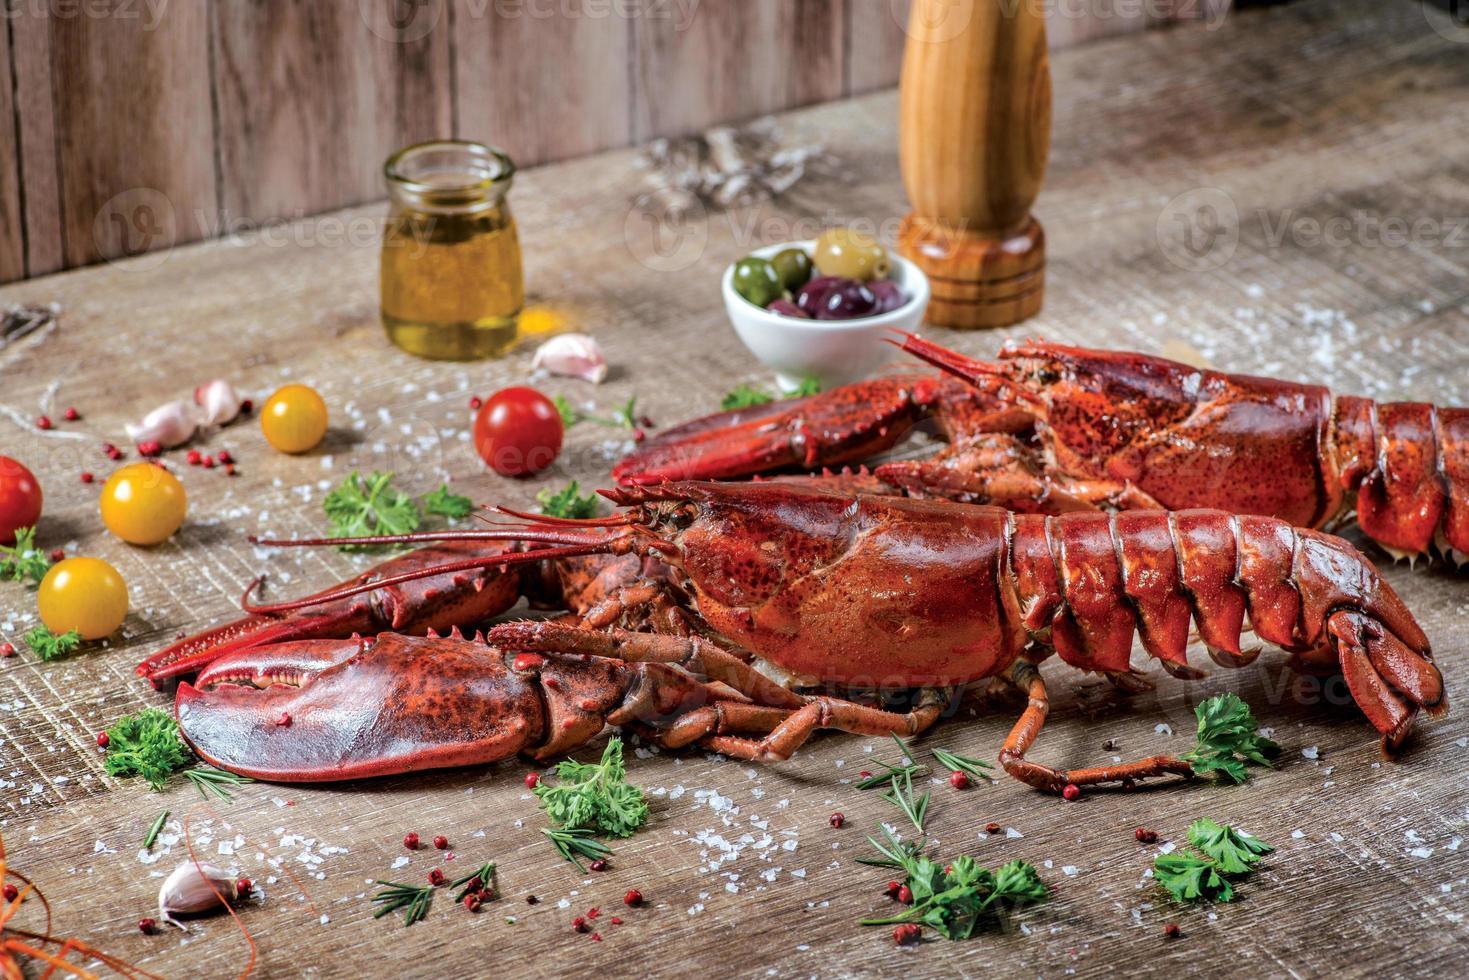 aragoste ai frutti di mare. grandi aragoste di mare fresche belle. delizioso foto